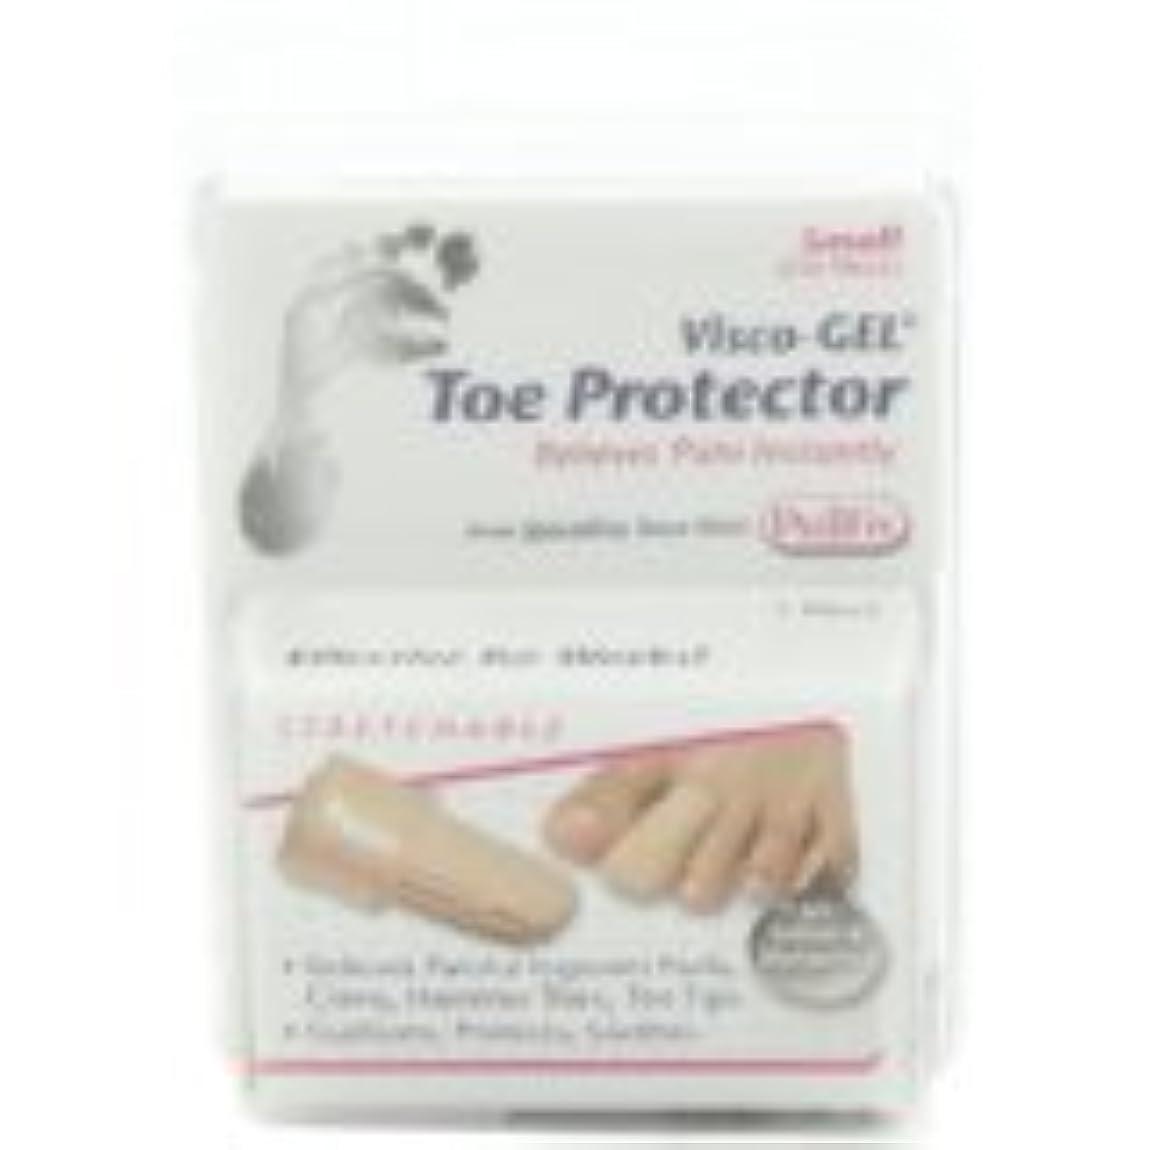 逃げる単に検体足指保護キャップ 伸縮性リブ織り生地製(P82-XL)